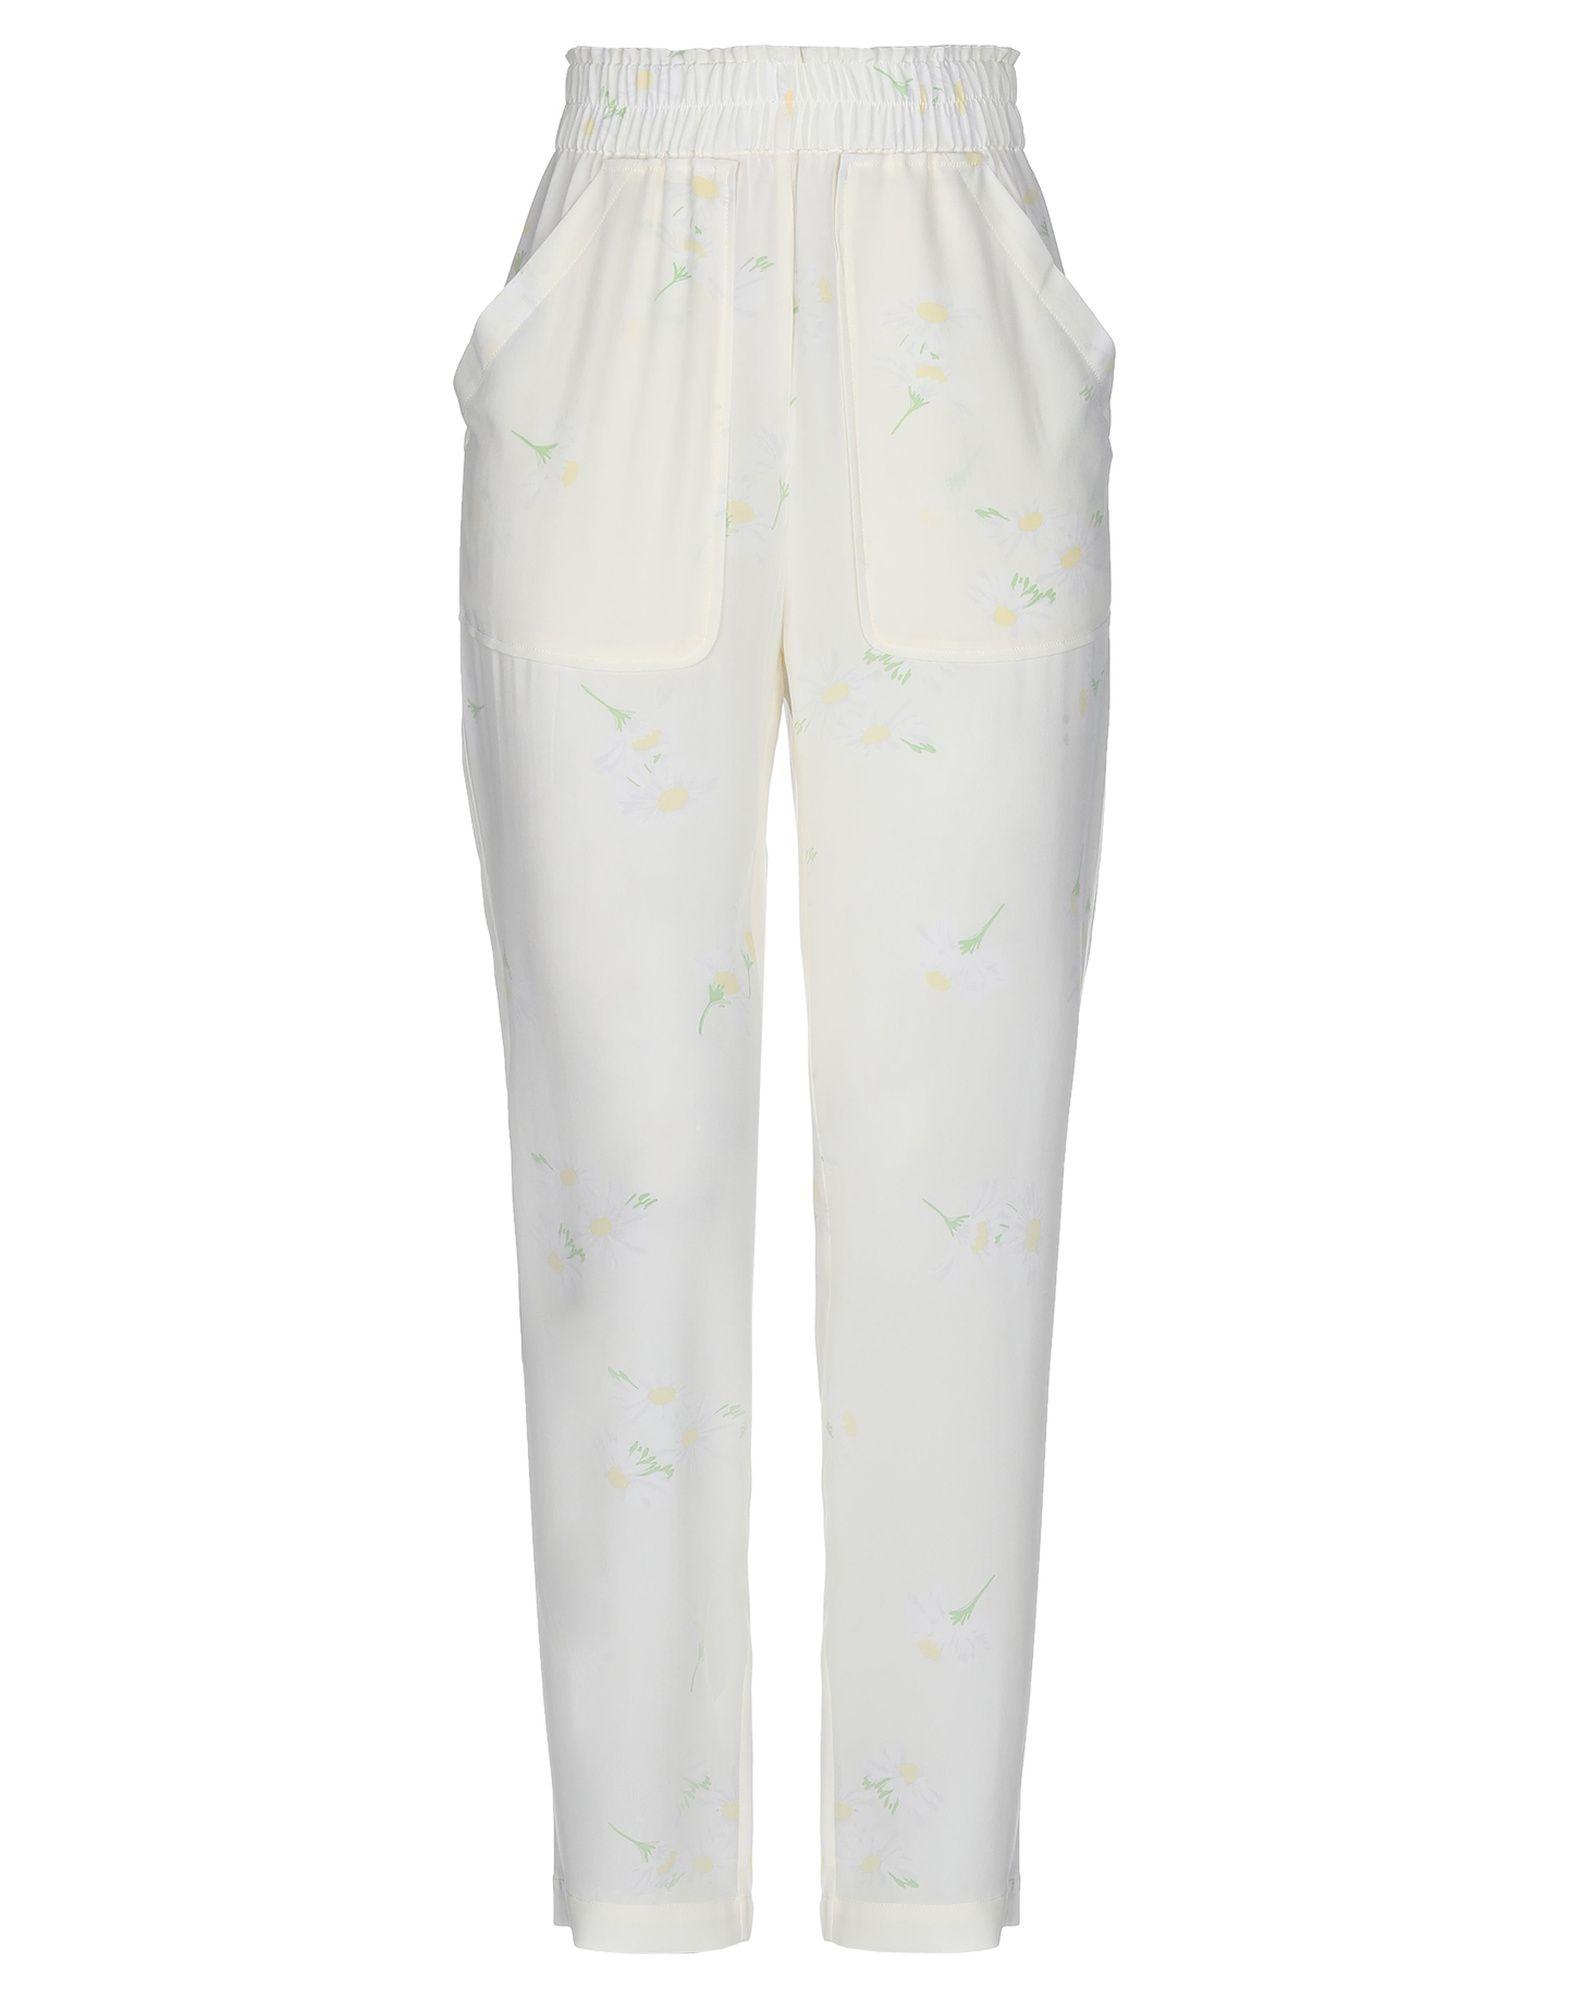 Pantalone Ganni donna - 13324708BK